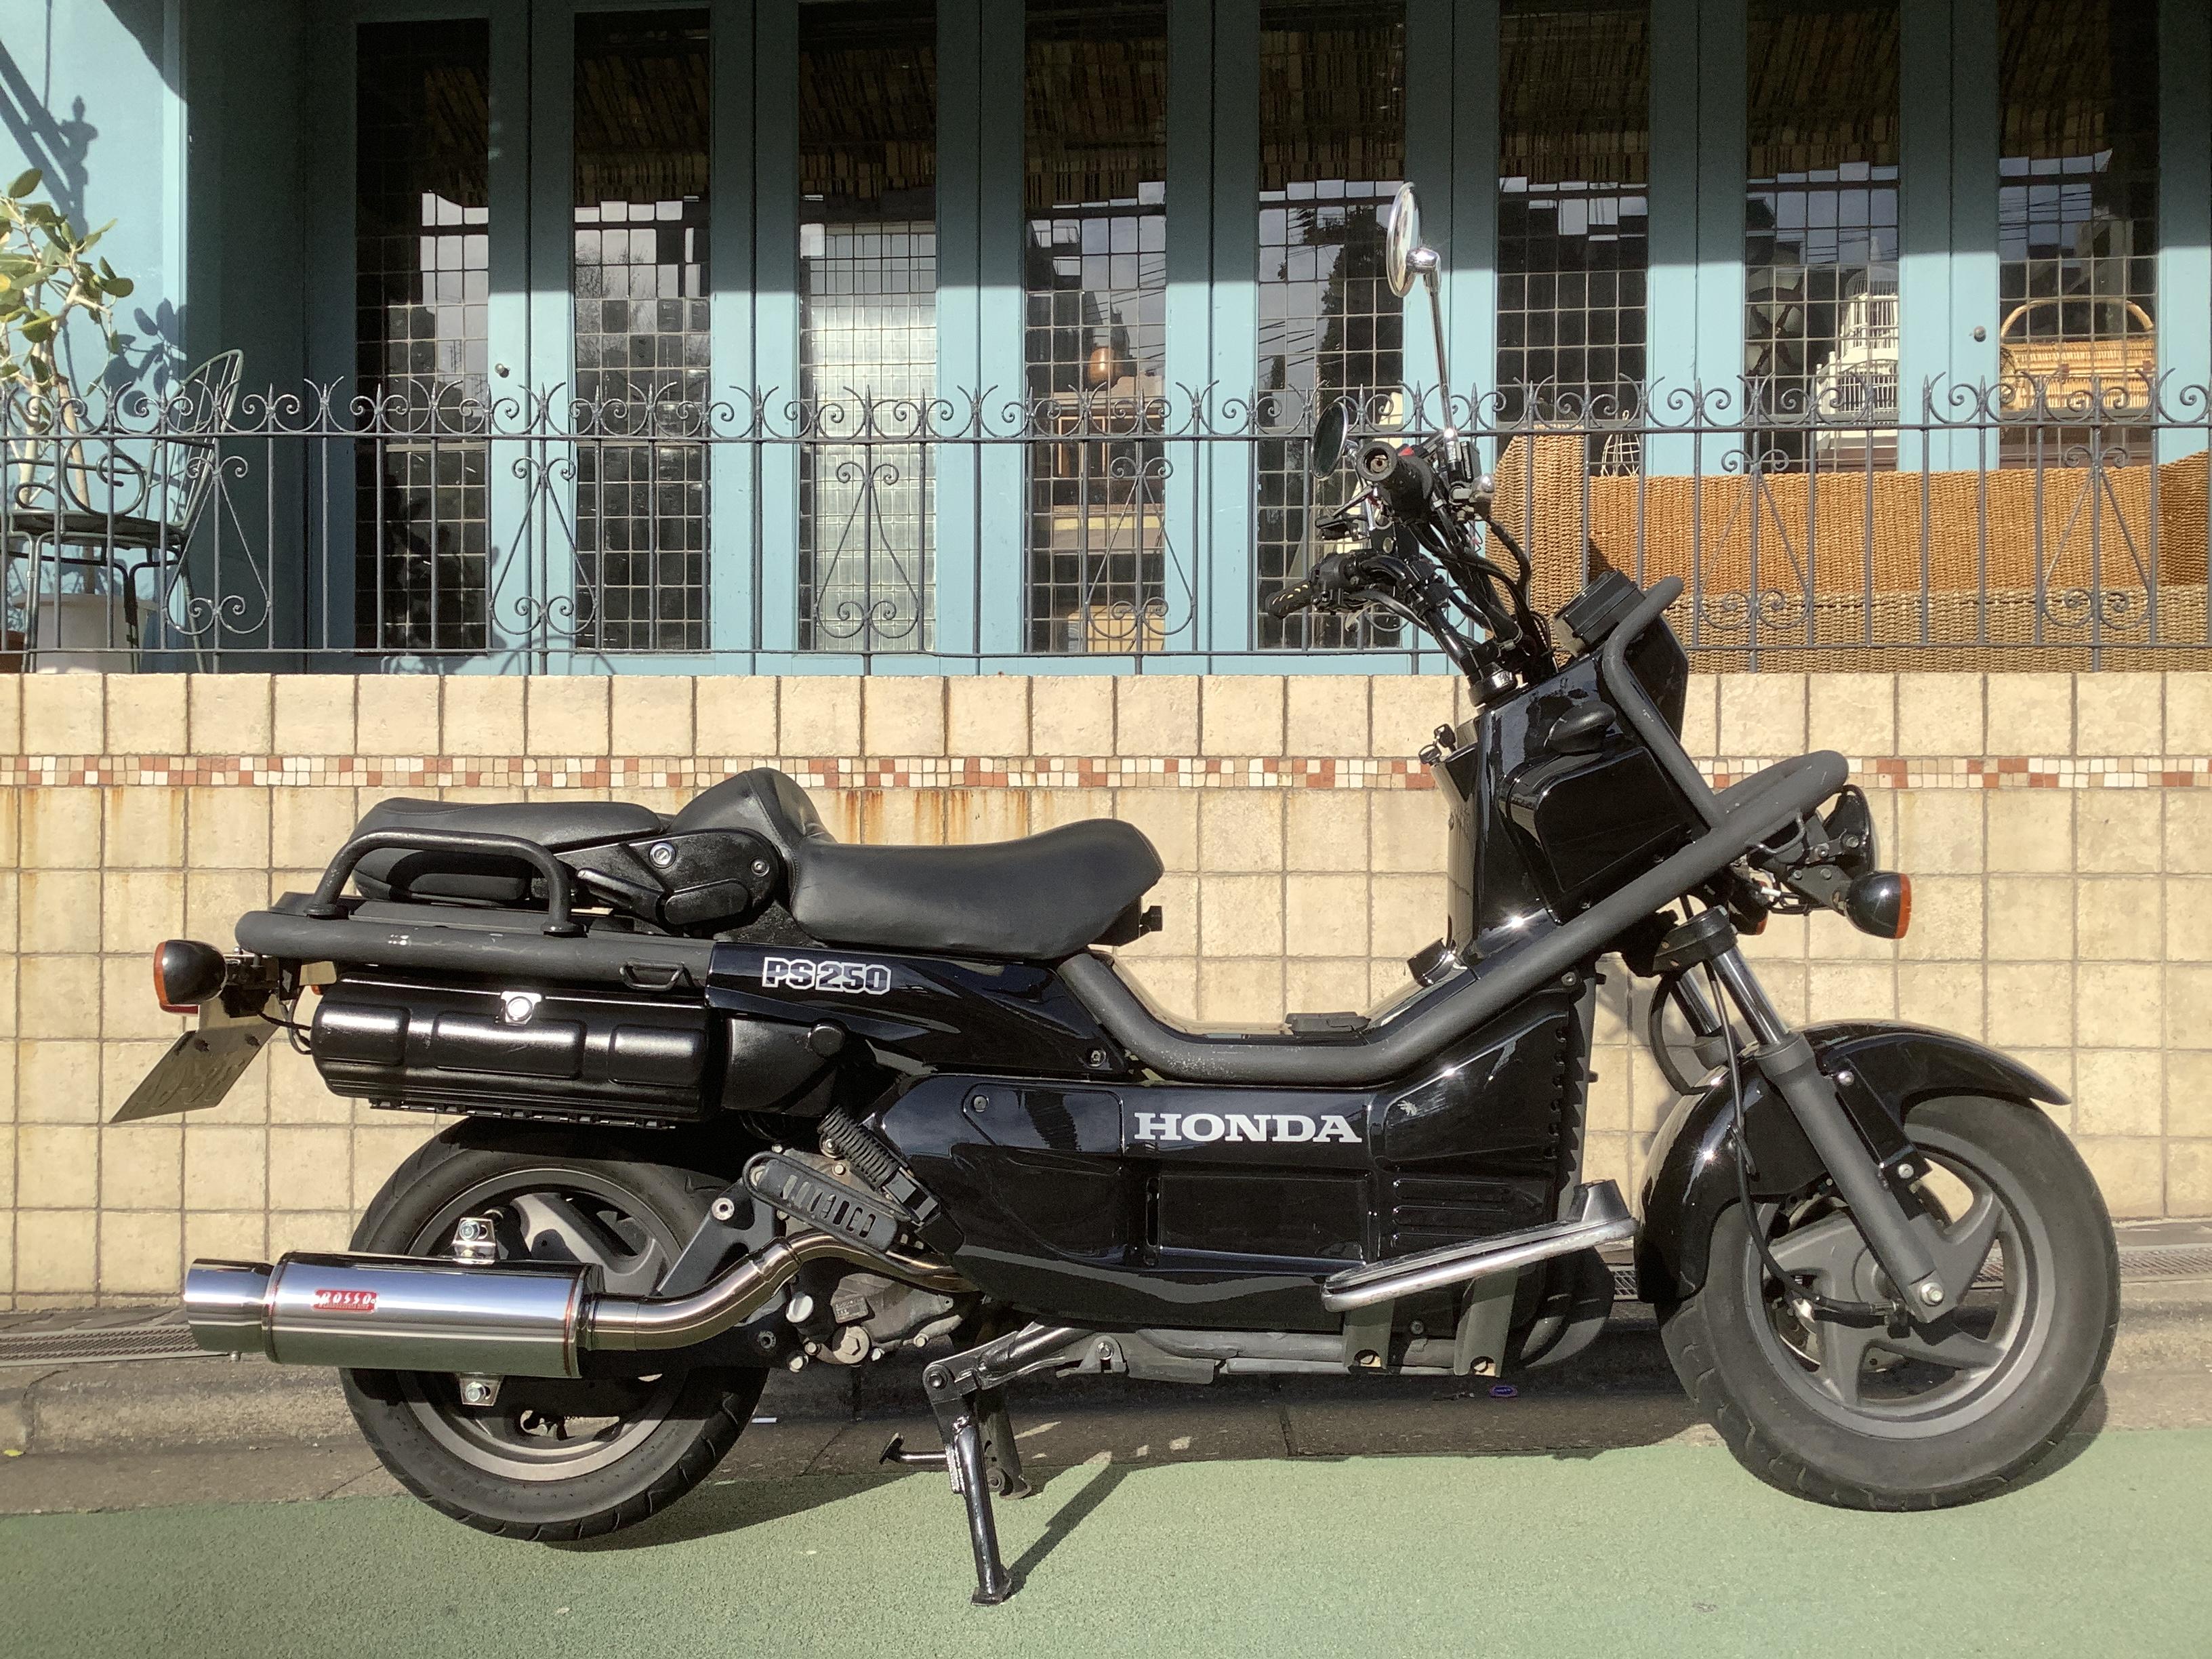 PS250 (HN-00) - 【公式】レンタルバイクのベストBike® 水天宮駅前